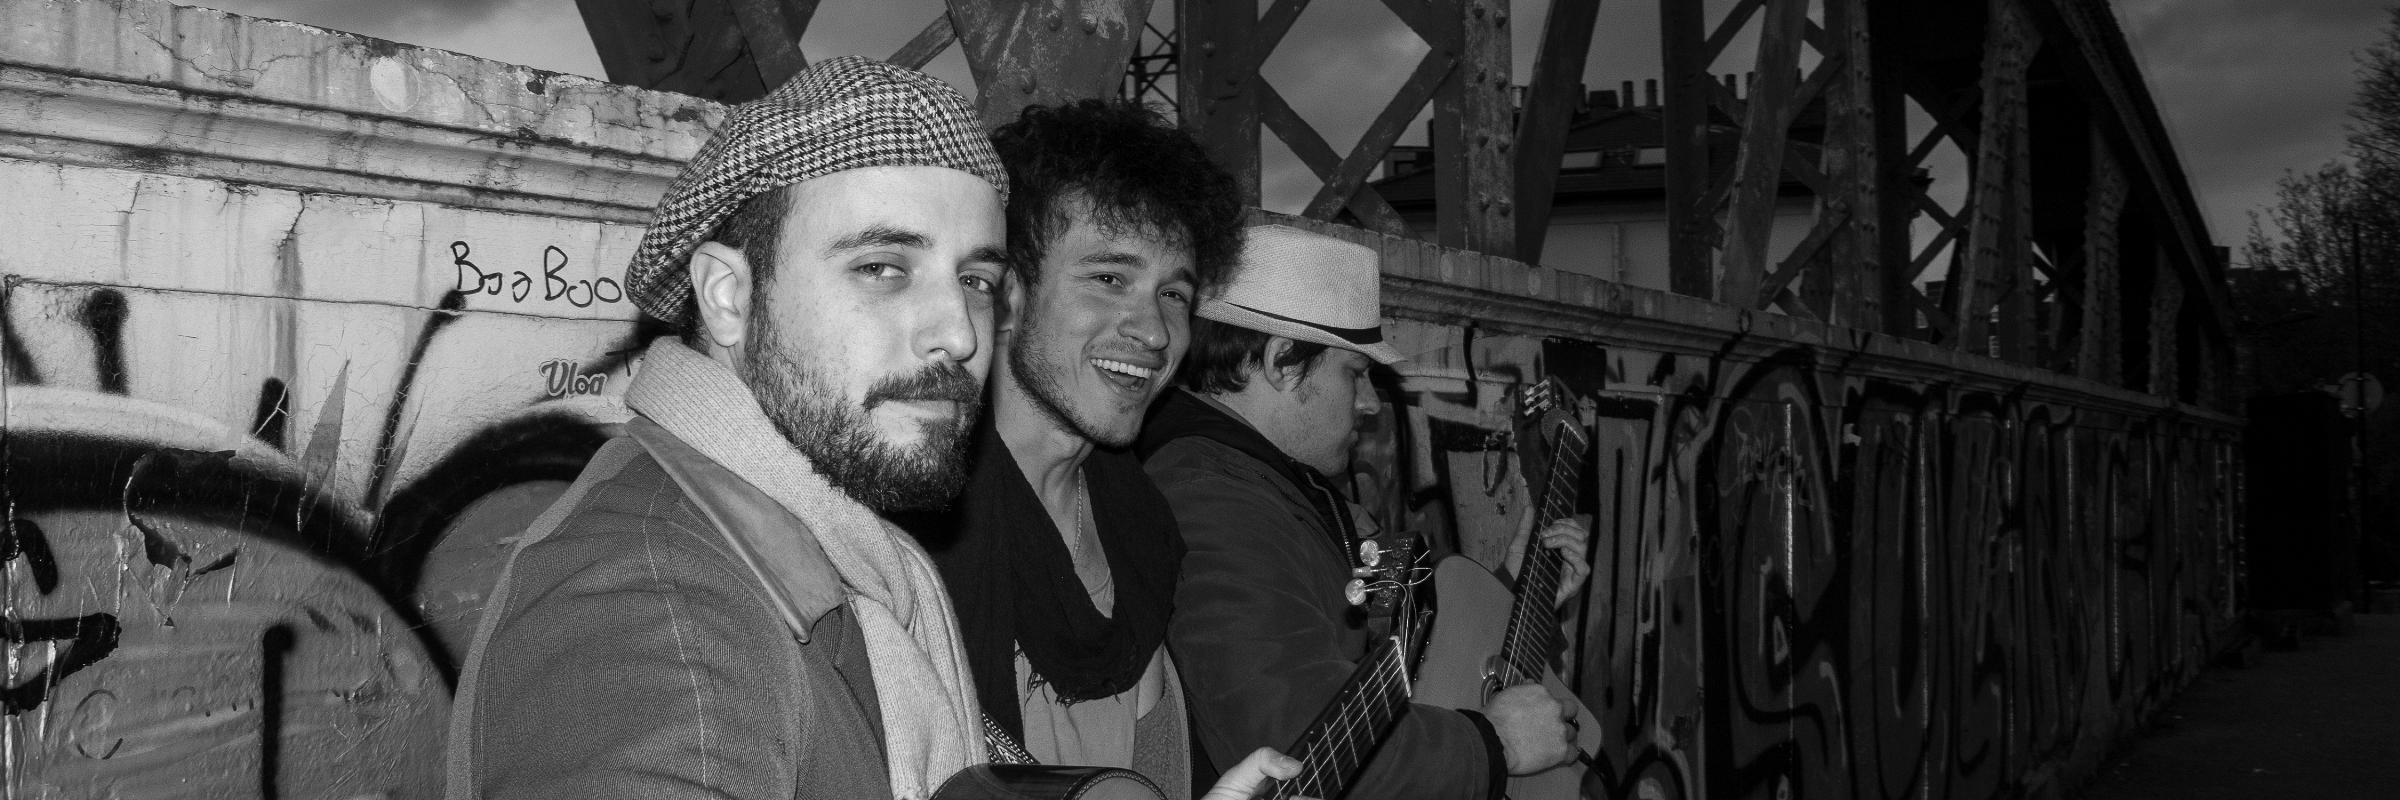 Mango Swing, groupe de musique Jazz en représentation à Gironde - photo de couverture n° 3